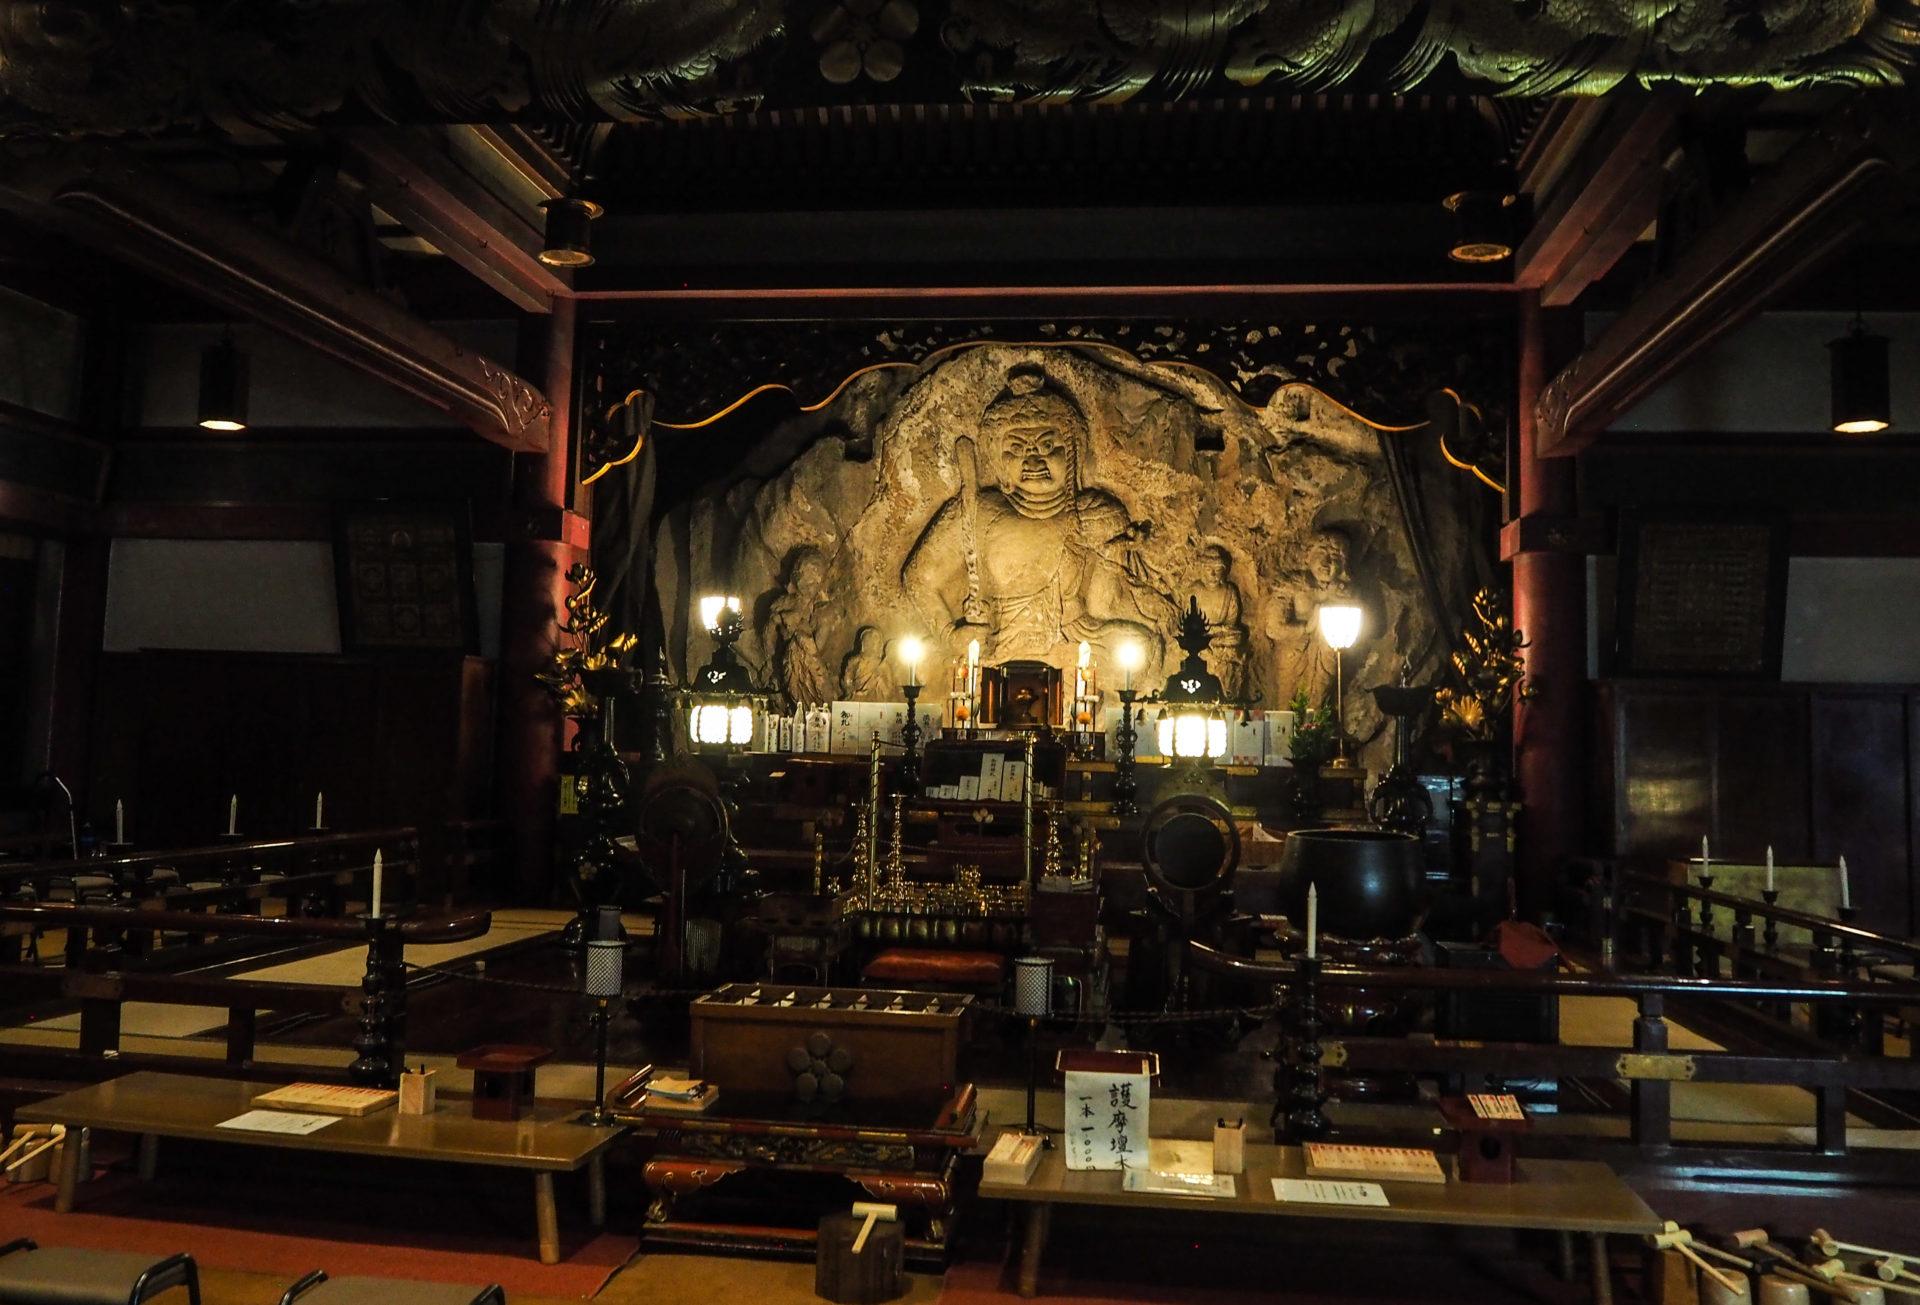 Temple Nissekiji dans les Alpes Japonaises - Préfecture de Toyama, porte d'entrée vers les Alpes Japonaises - Voyager au Japon hors des sentiers battus